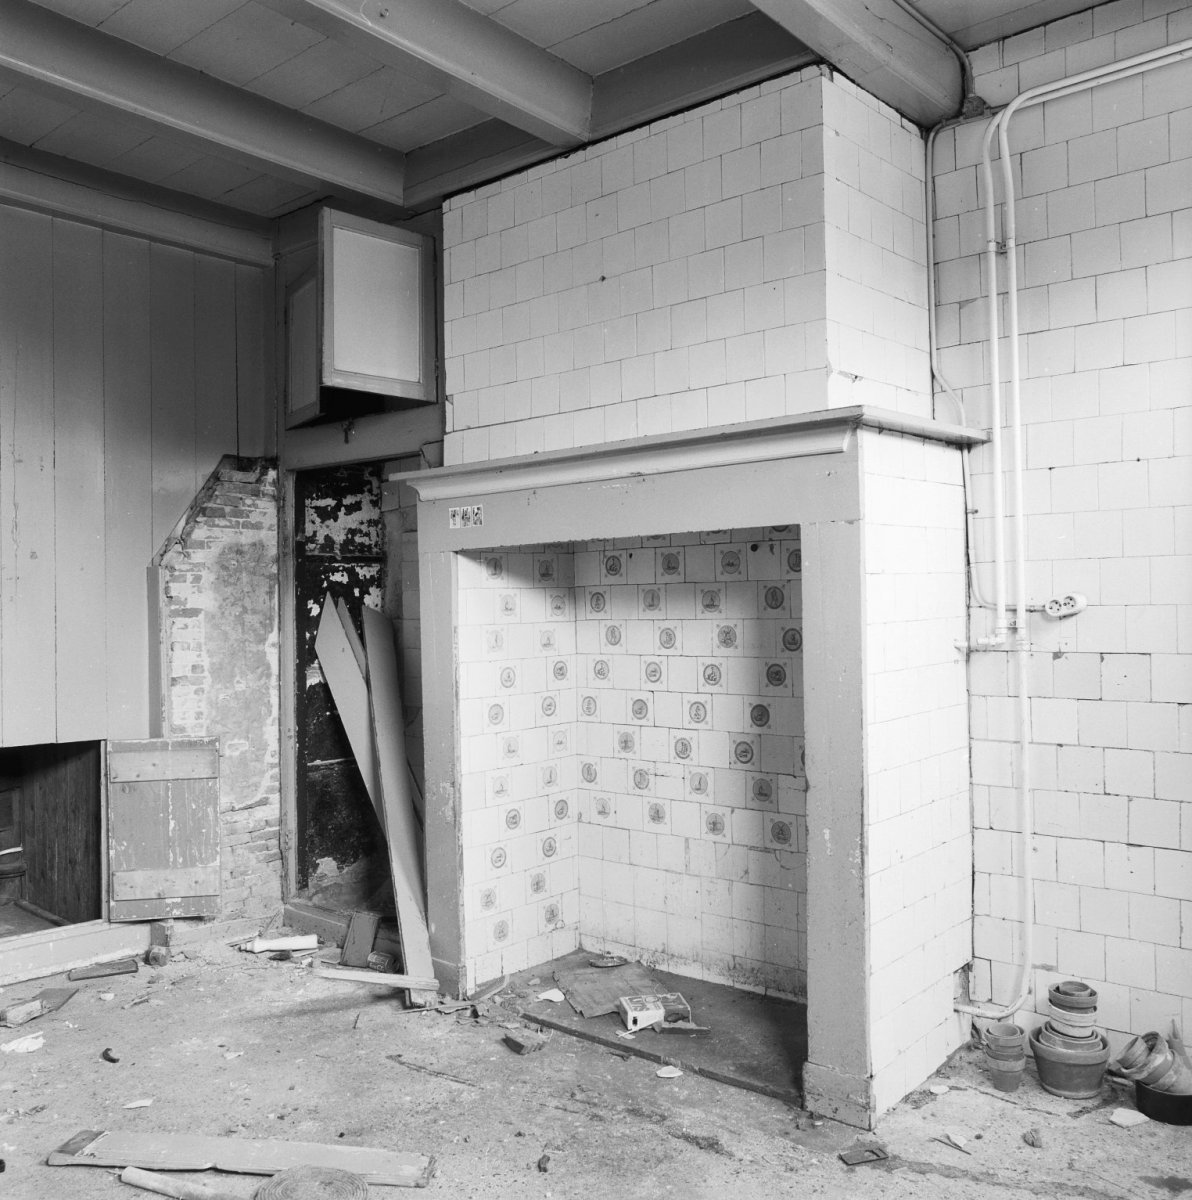 File interieur schouw in de keuken aan de binnenzijde bekleed met tegels uithoorn 20400670 - Mat tegels ...